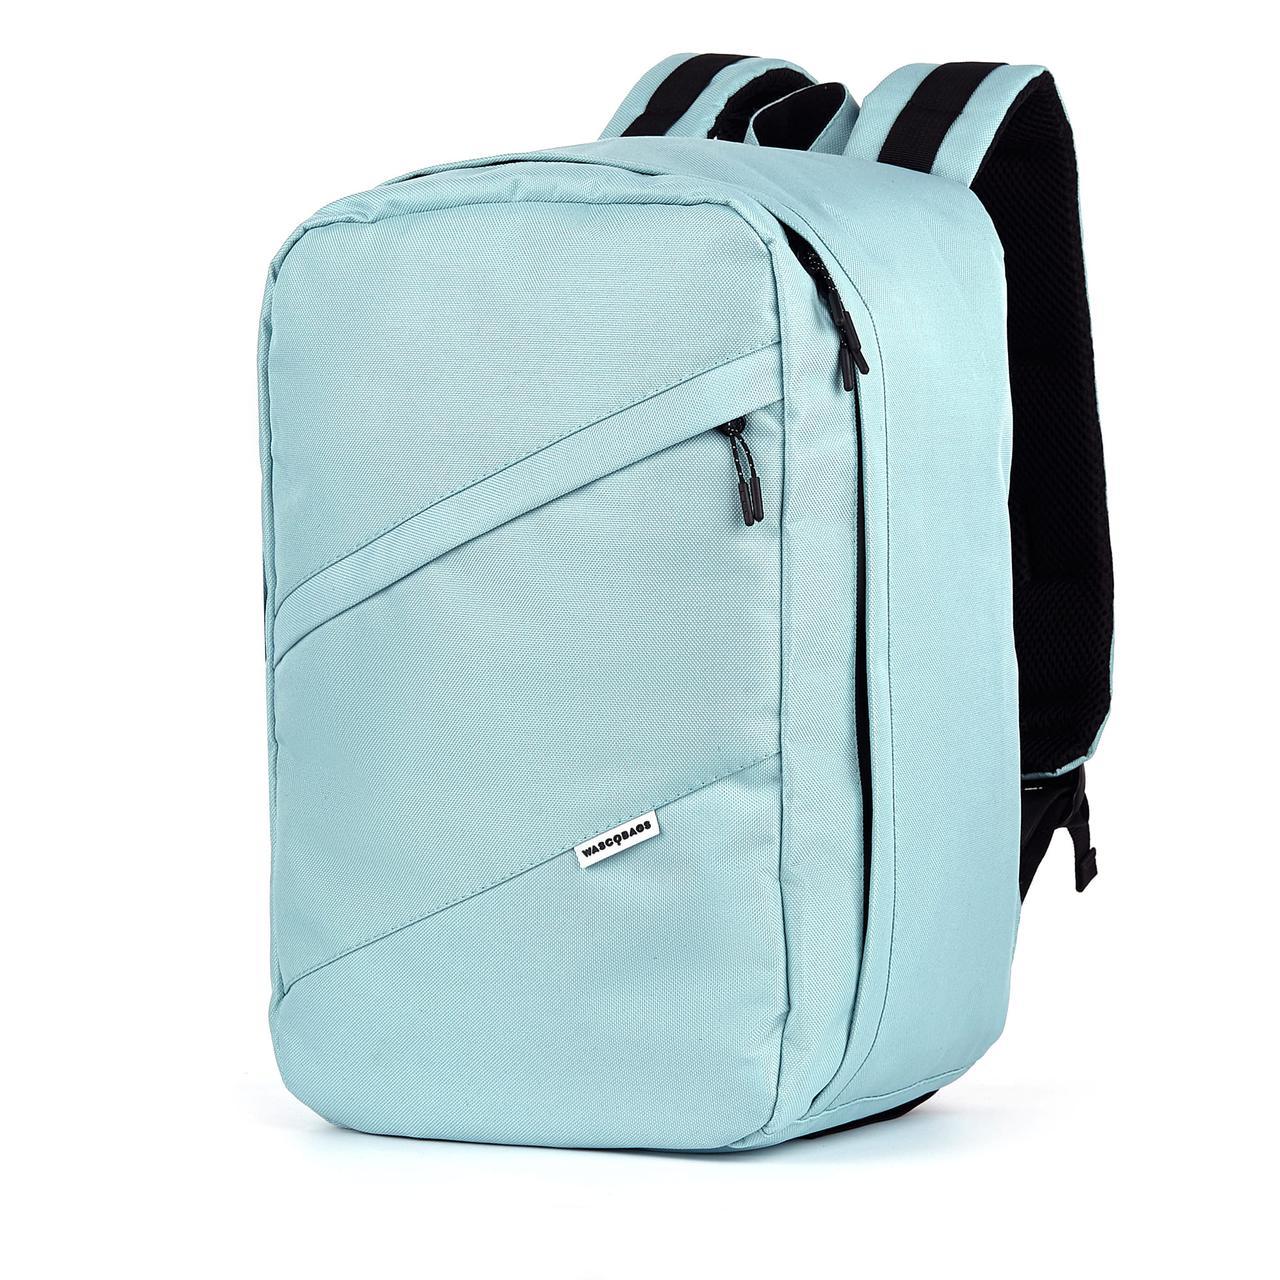 Рюкзак для ручной клади Wascobags 40x20x25 RW Мятный